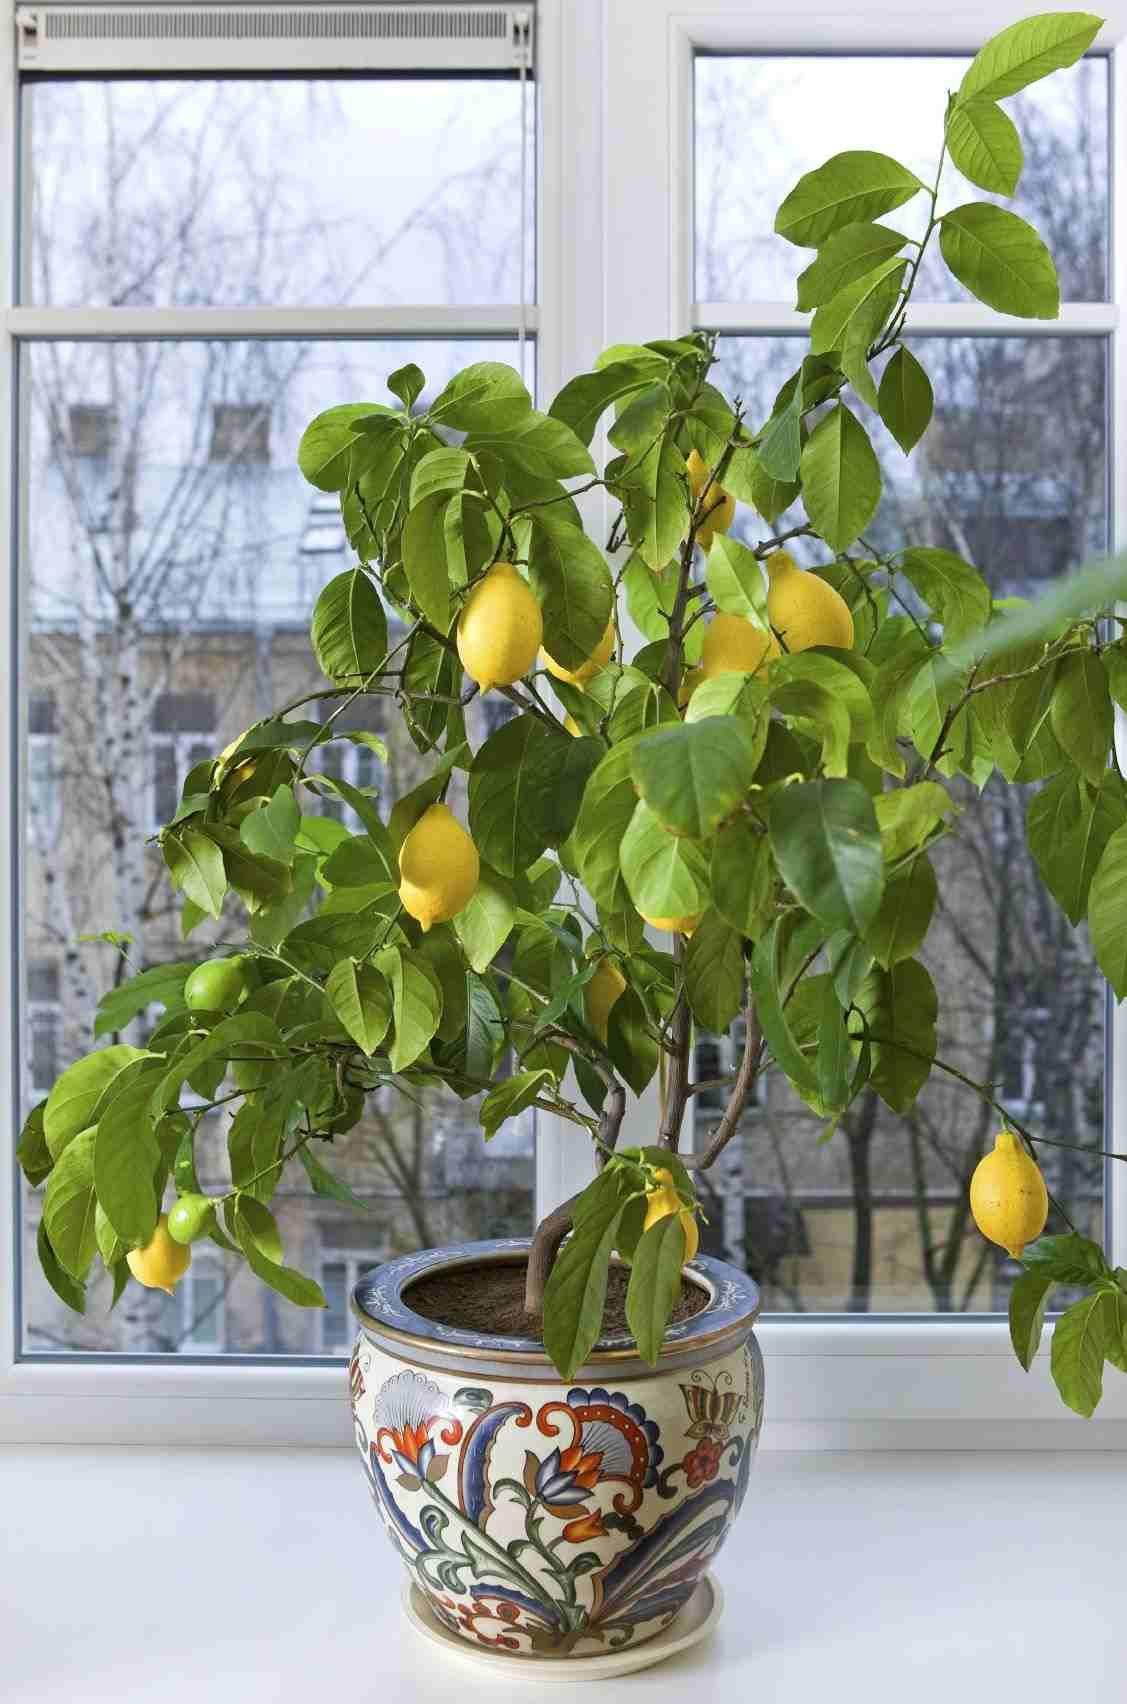 Arbre Fruitier En Pot Interieur fruitier en pot- agrumes et plantes exotiques à la maison